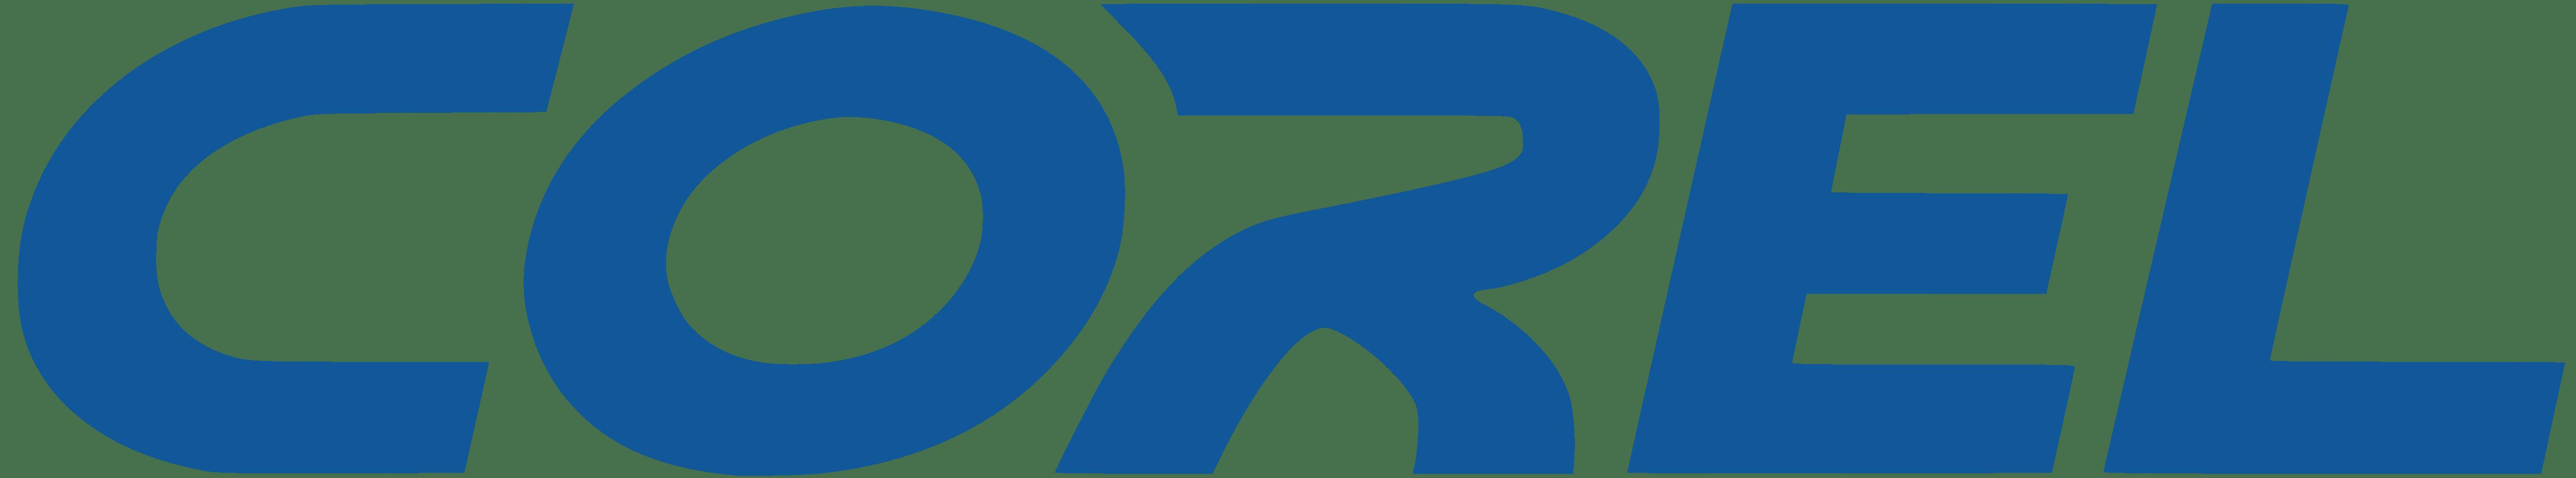 Corel_logo_logotype_2